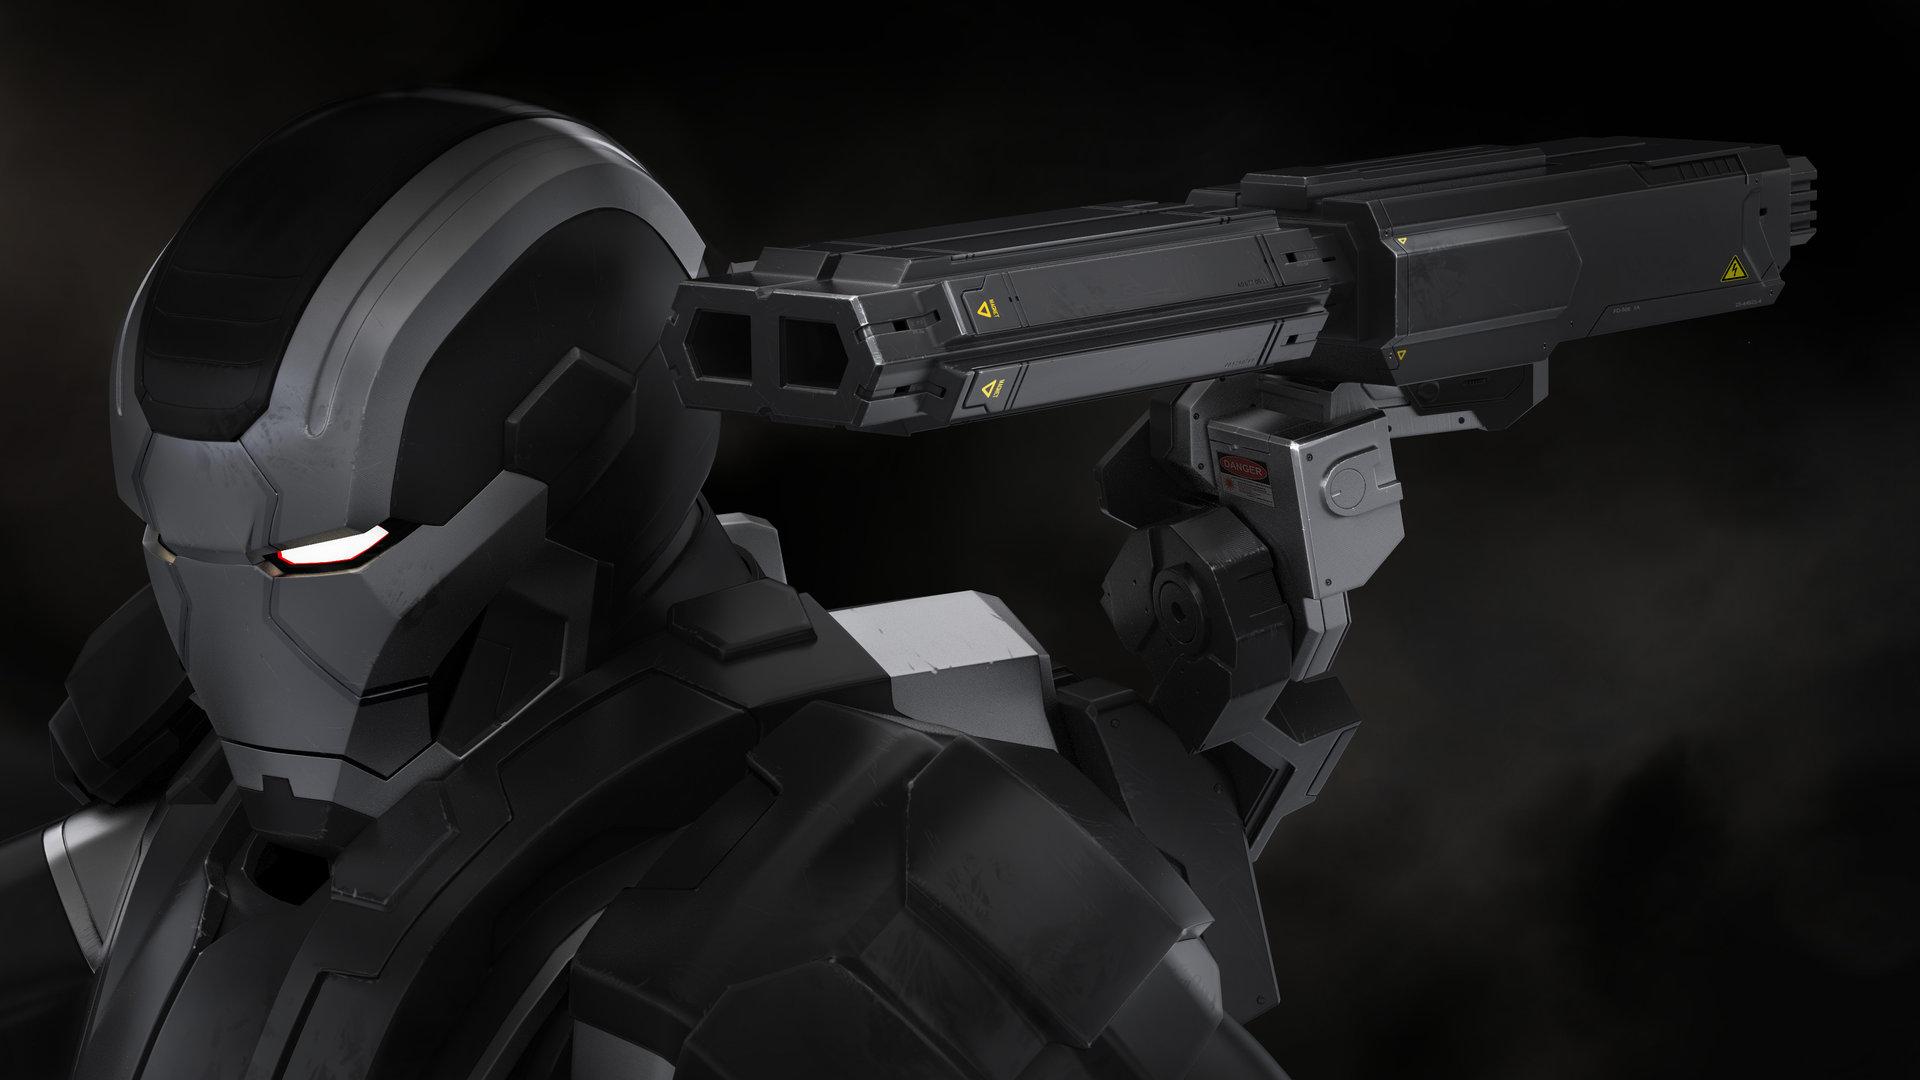 Droidsforsale iron man 3 war machine